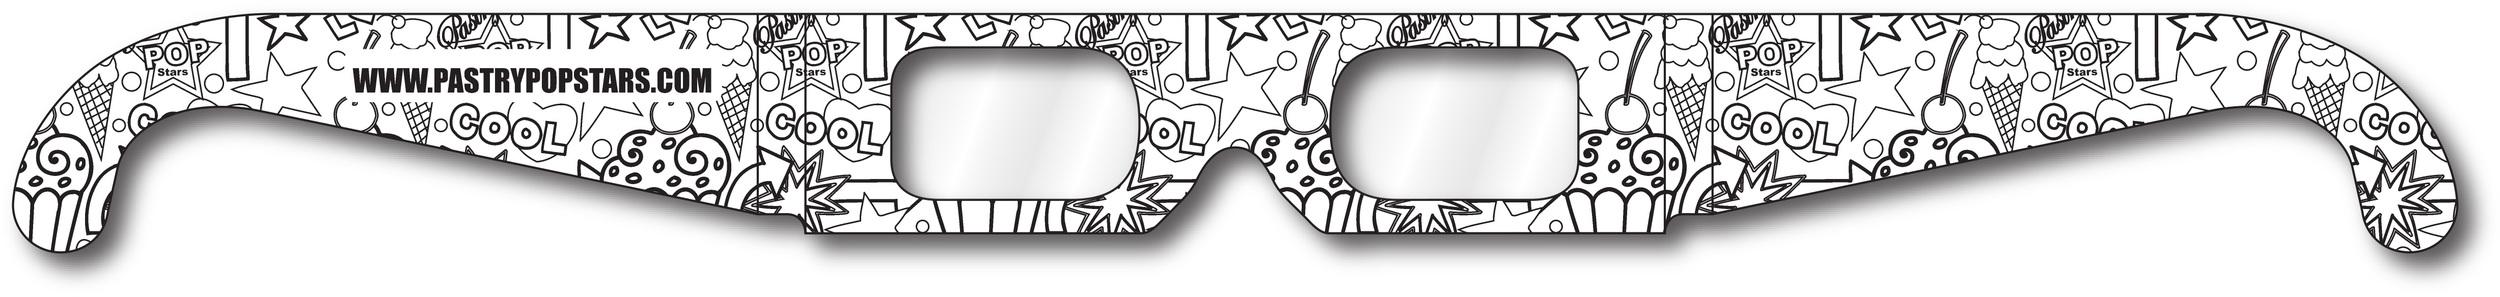 PastryPopsGlasses.jpg